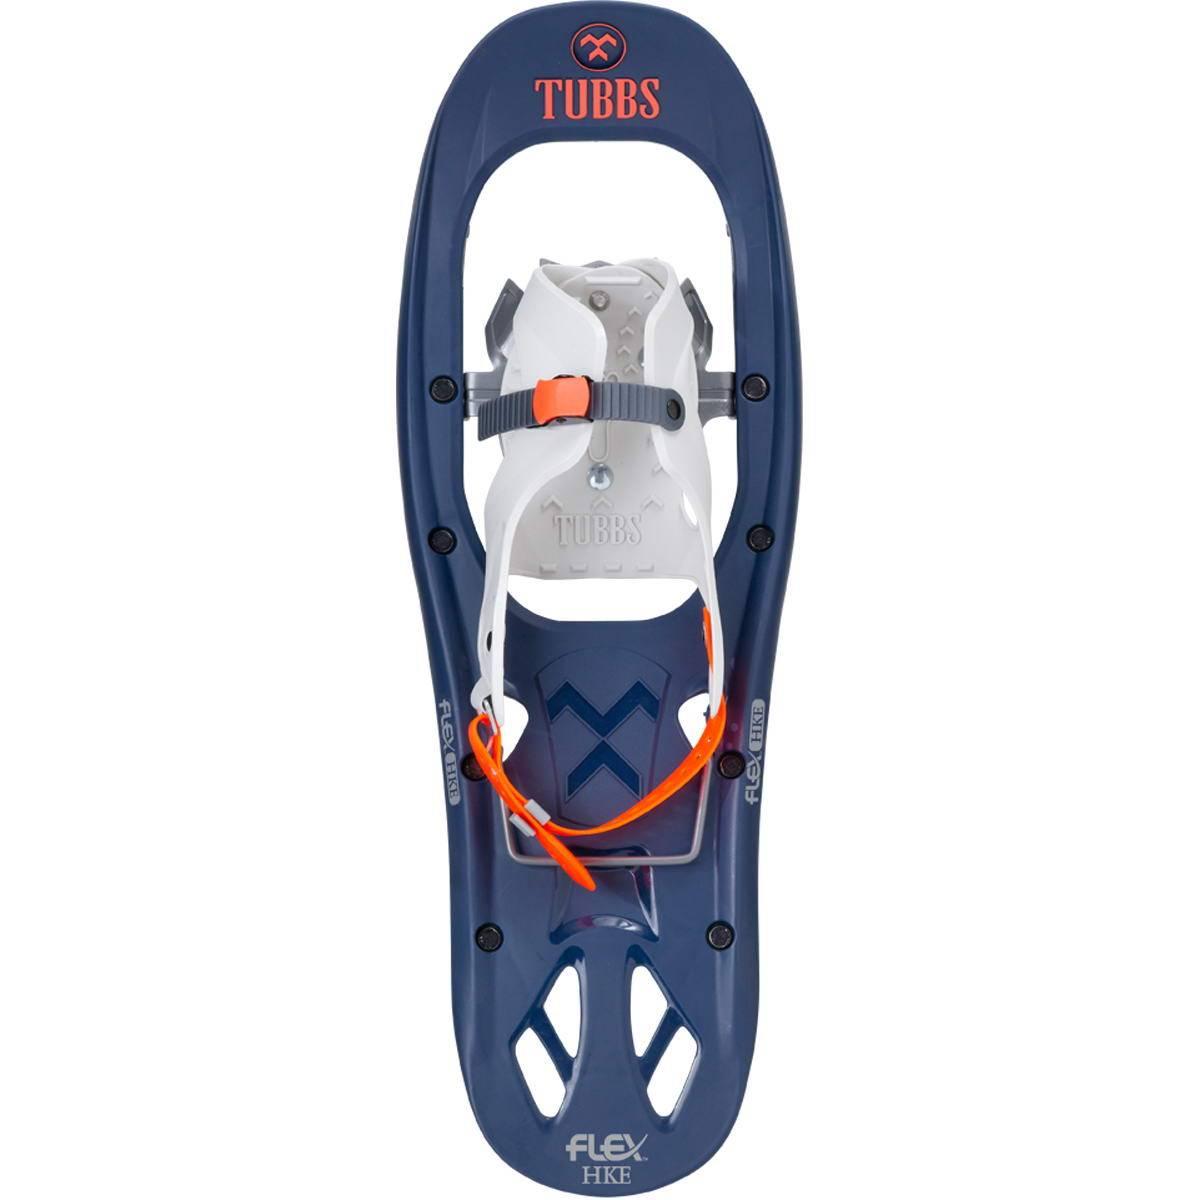 TUBBS Flex HKE - Hike - Schneeschuhe für Jugendliche blau